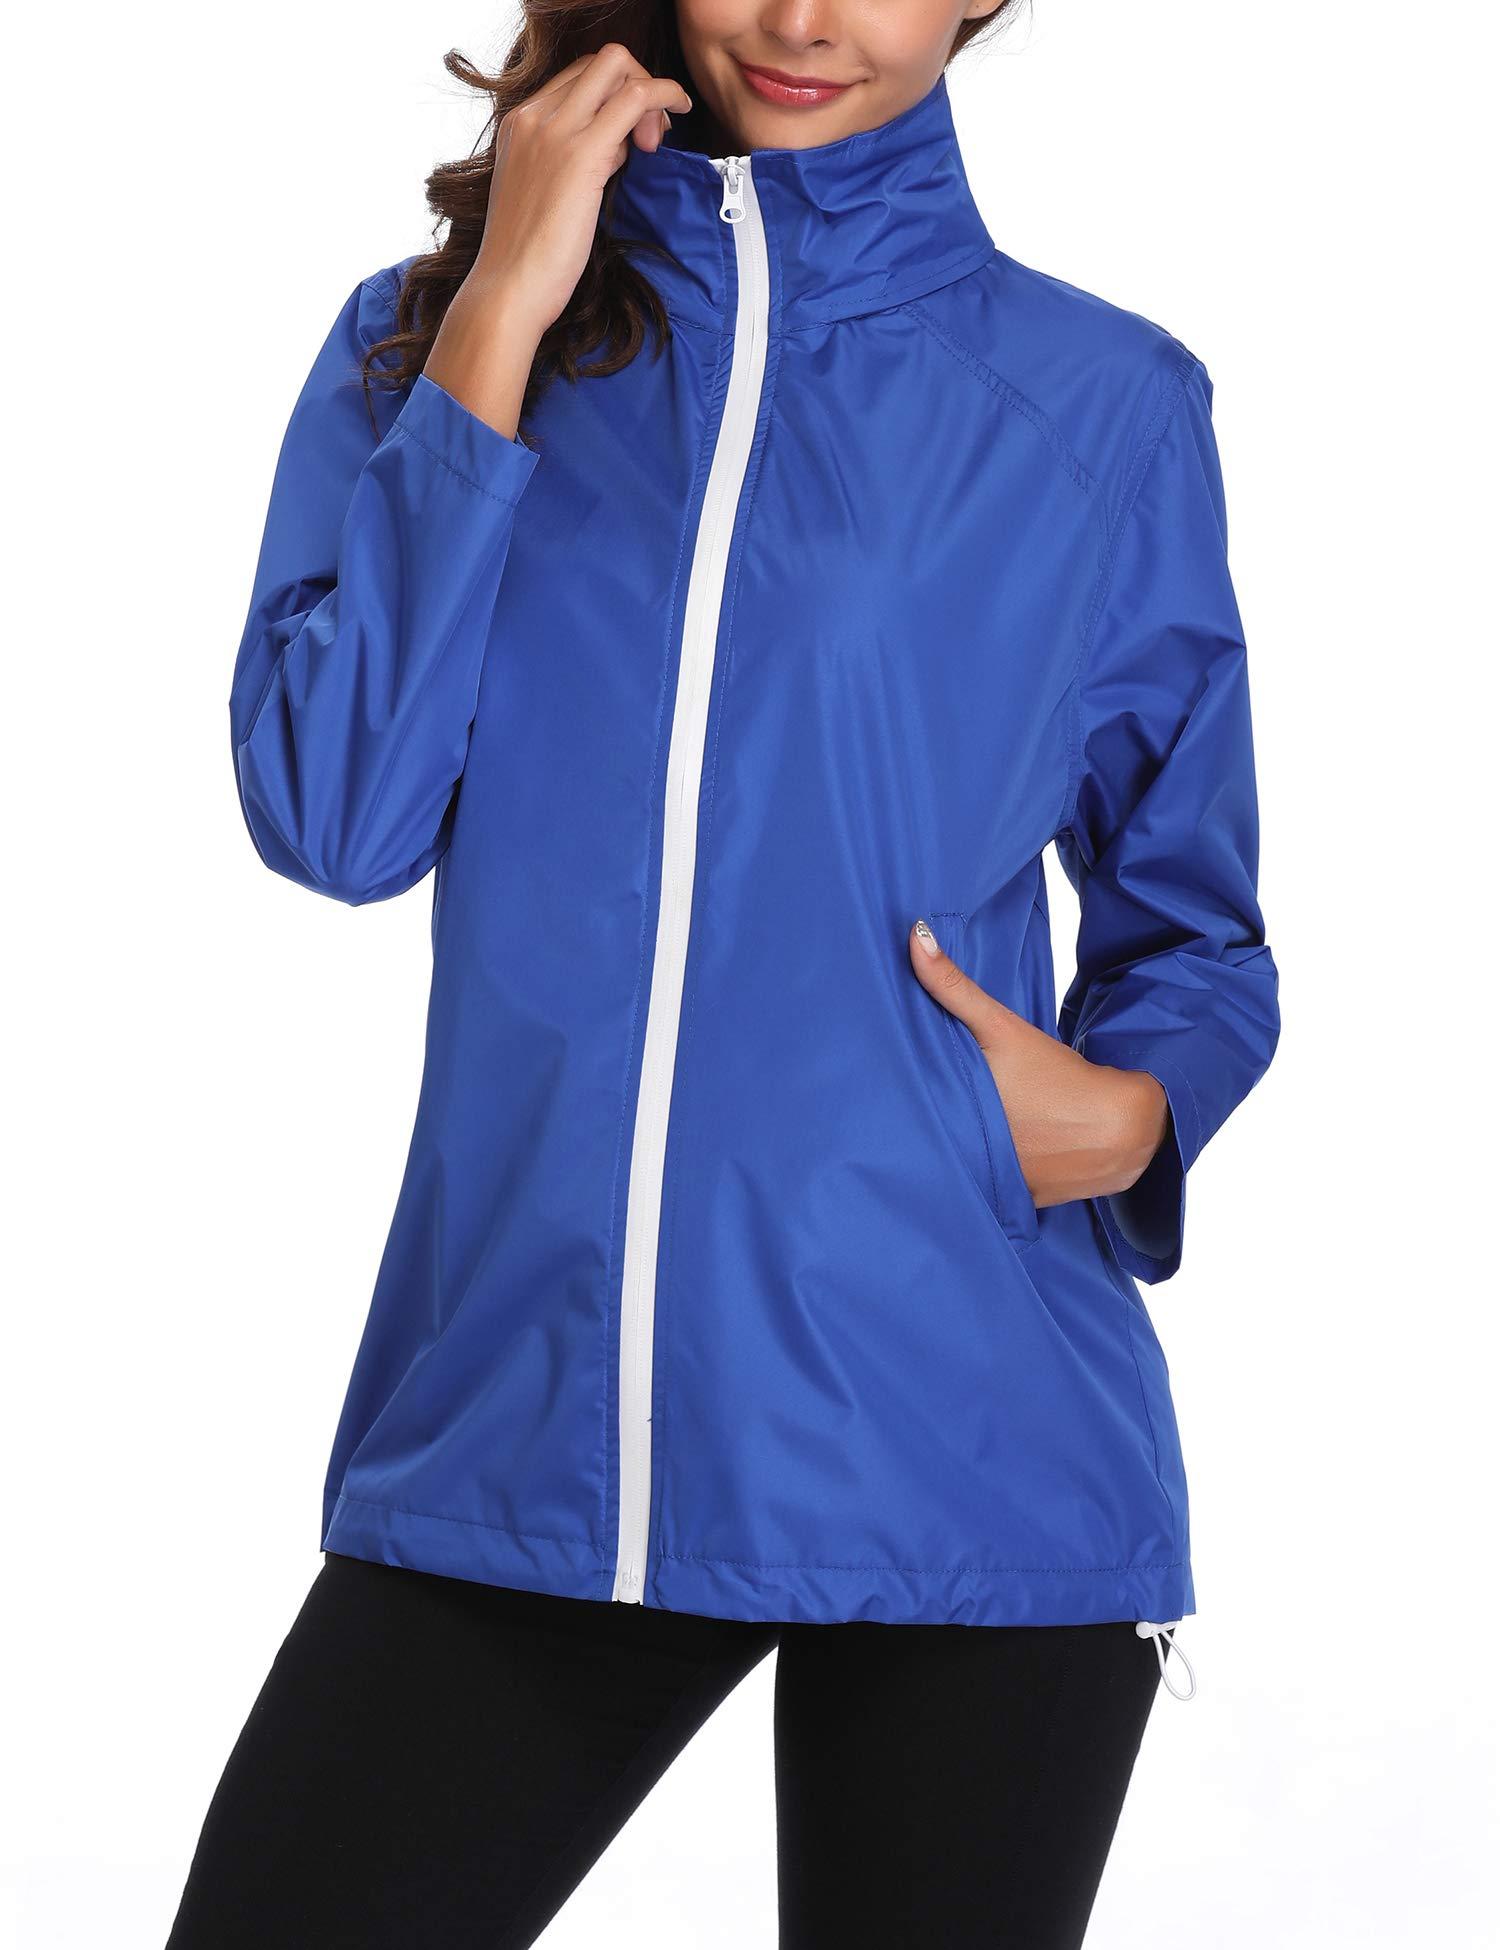 Women's Lightweight Casual Jackets Waterproof Packable Bomber Rain Jacket Softshell Casual Sportswear Blue XXL